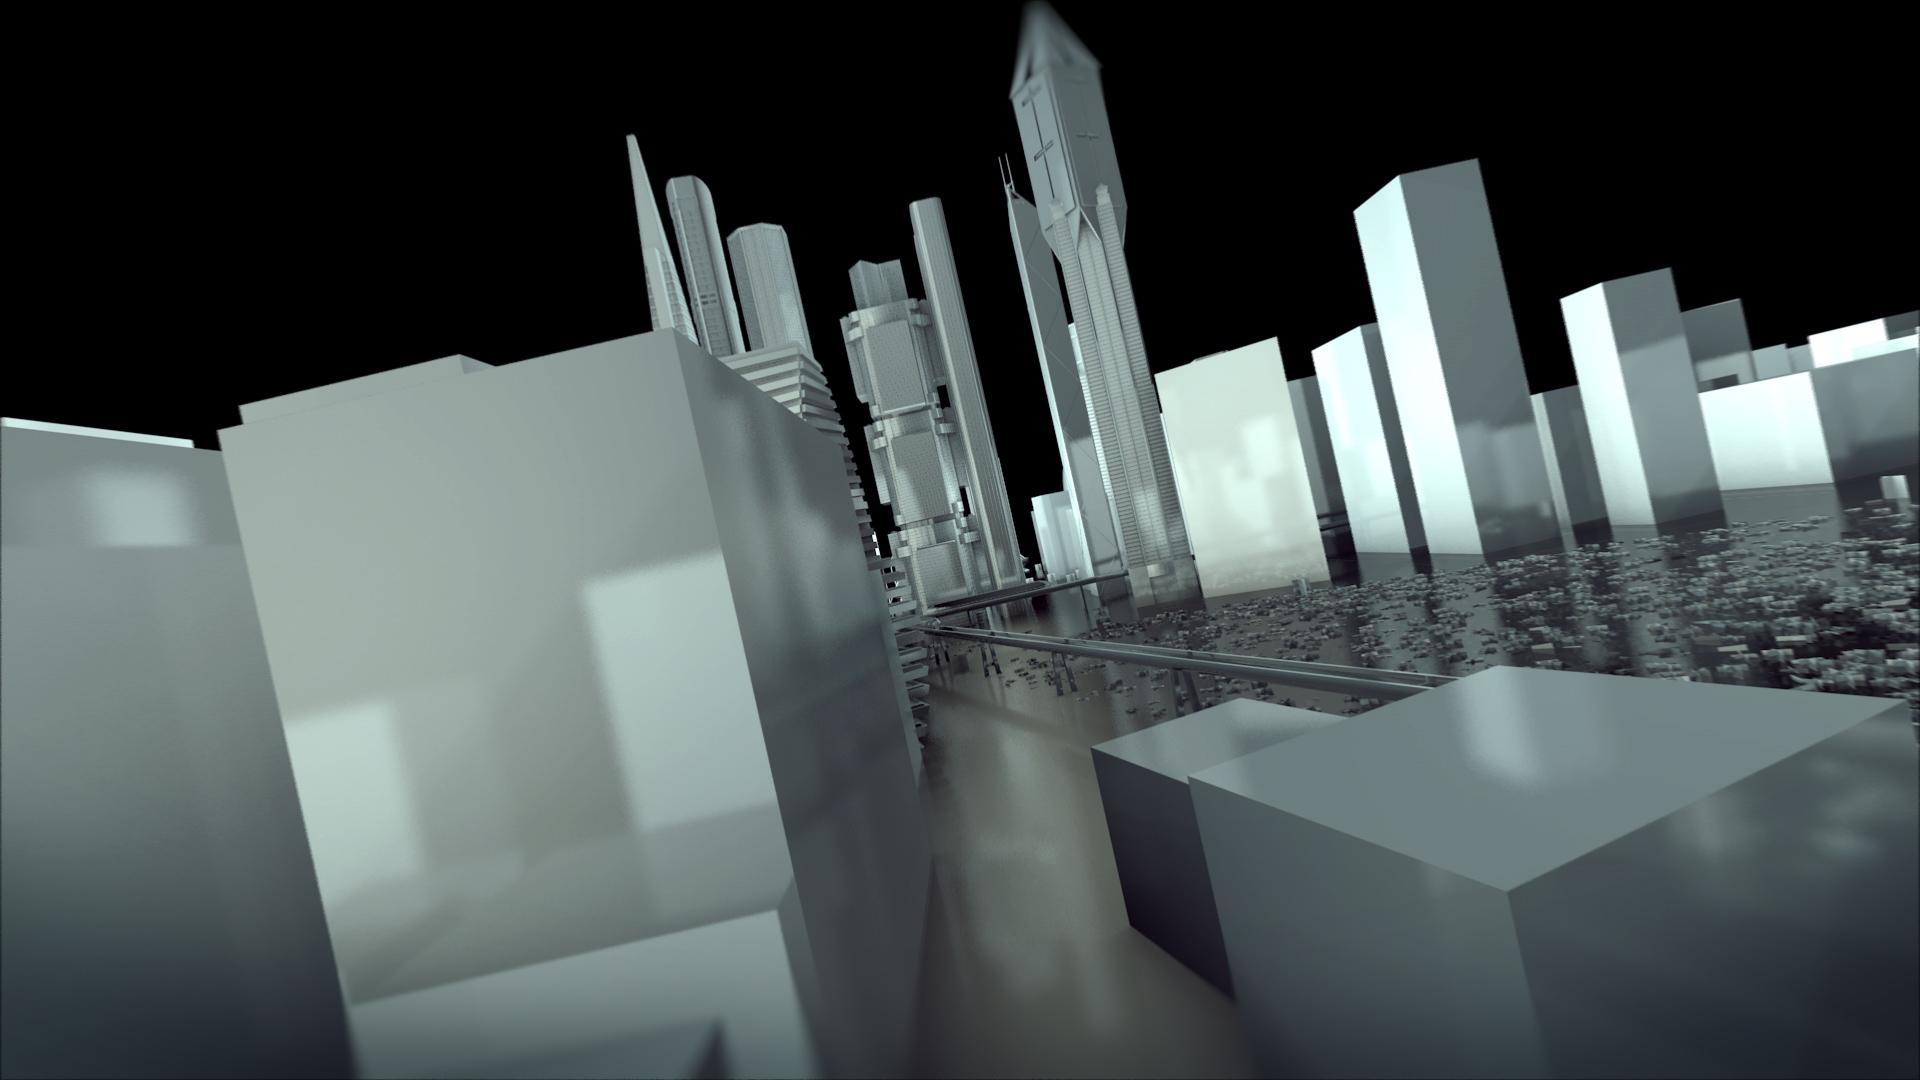 پروژه افترافکت نمایش لوگو در پس شهر مدرن